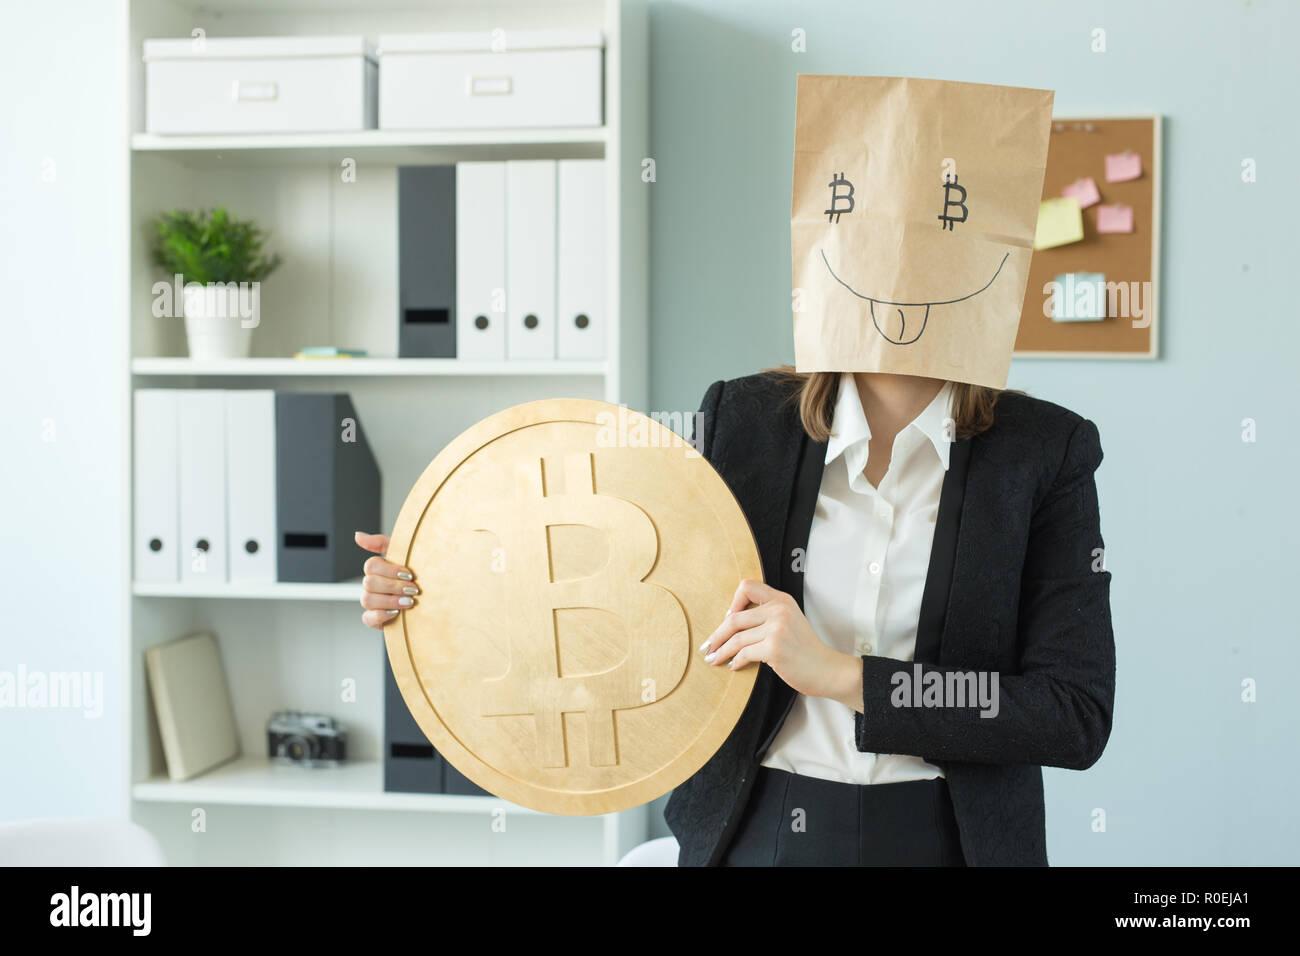 Crypto Wahrung Virtuelles Geld Und Blockchain Konzept Frau Lustig Papier Maske Mit Bitcoin Symbol Im Buro Stockfotografie Alamy